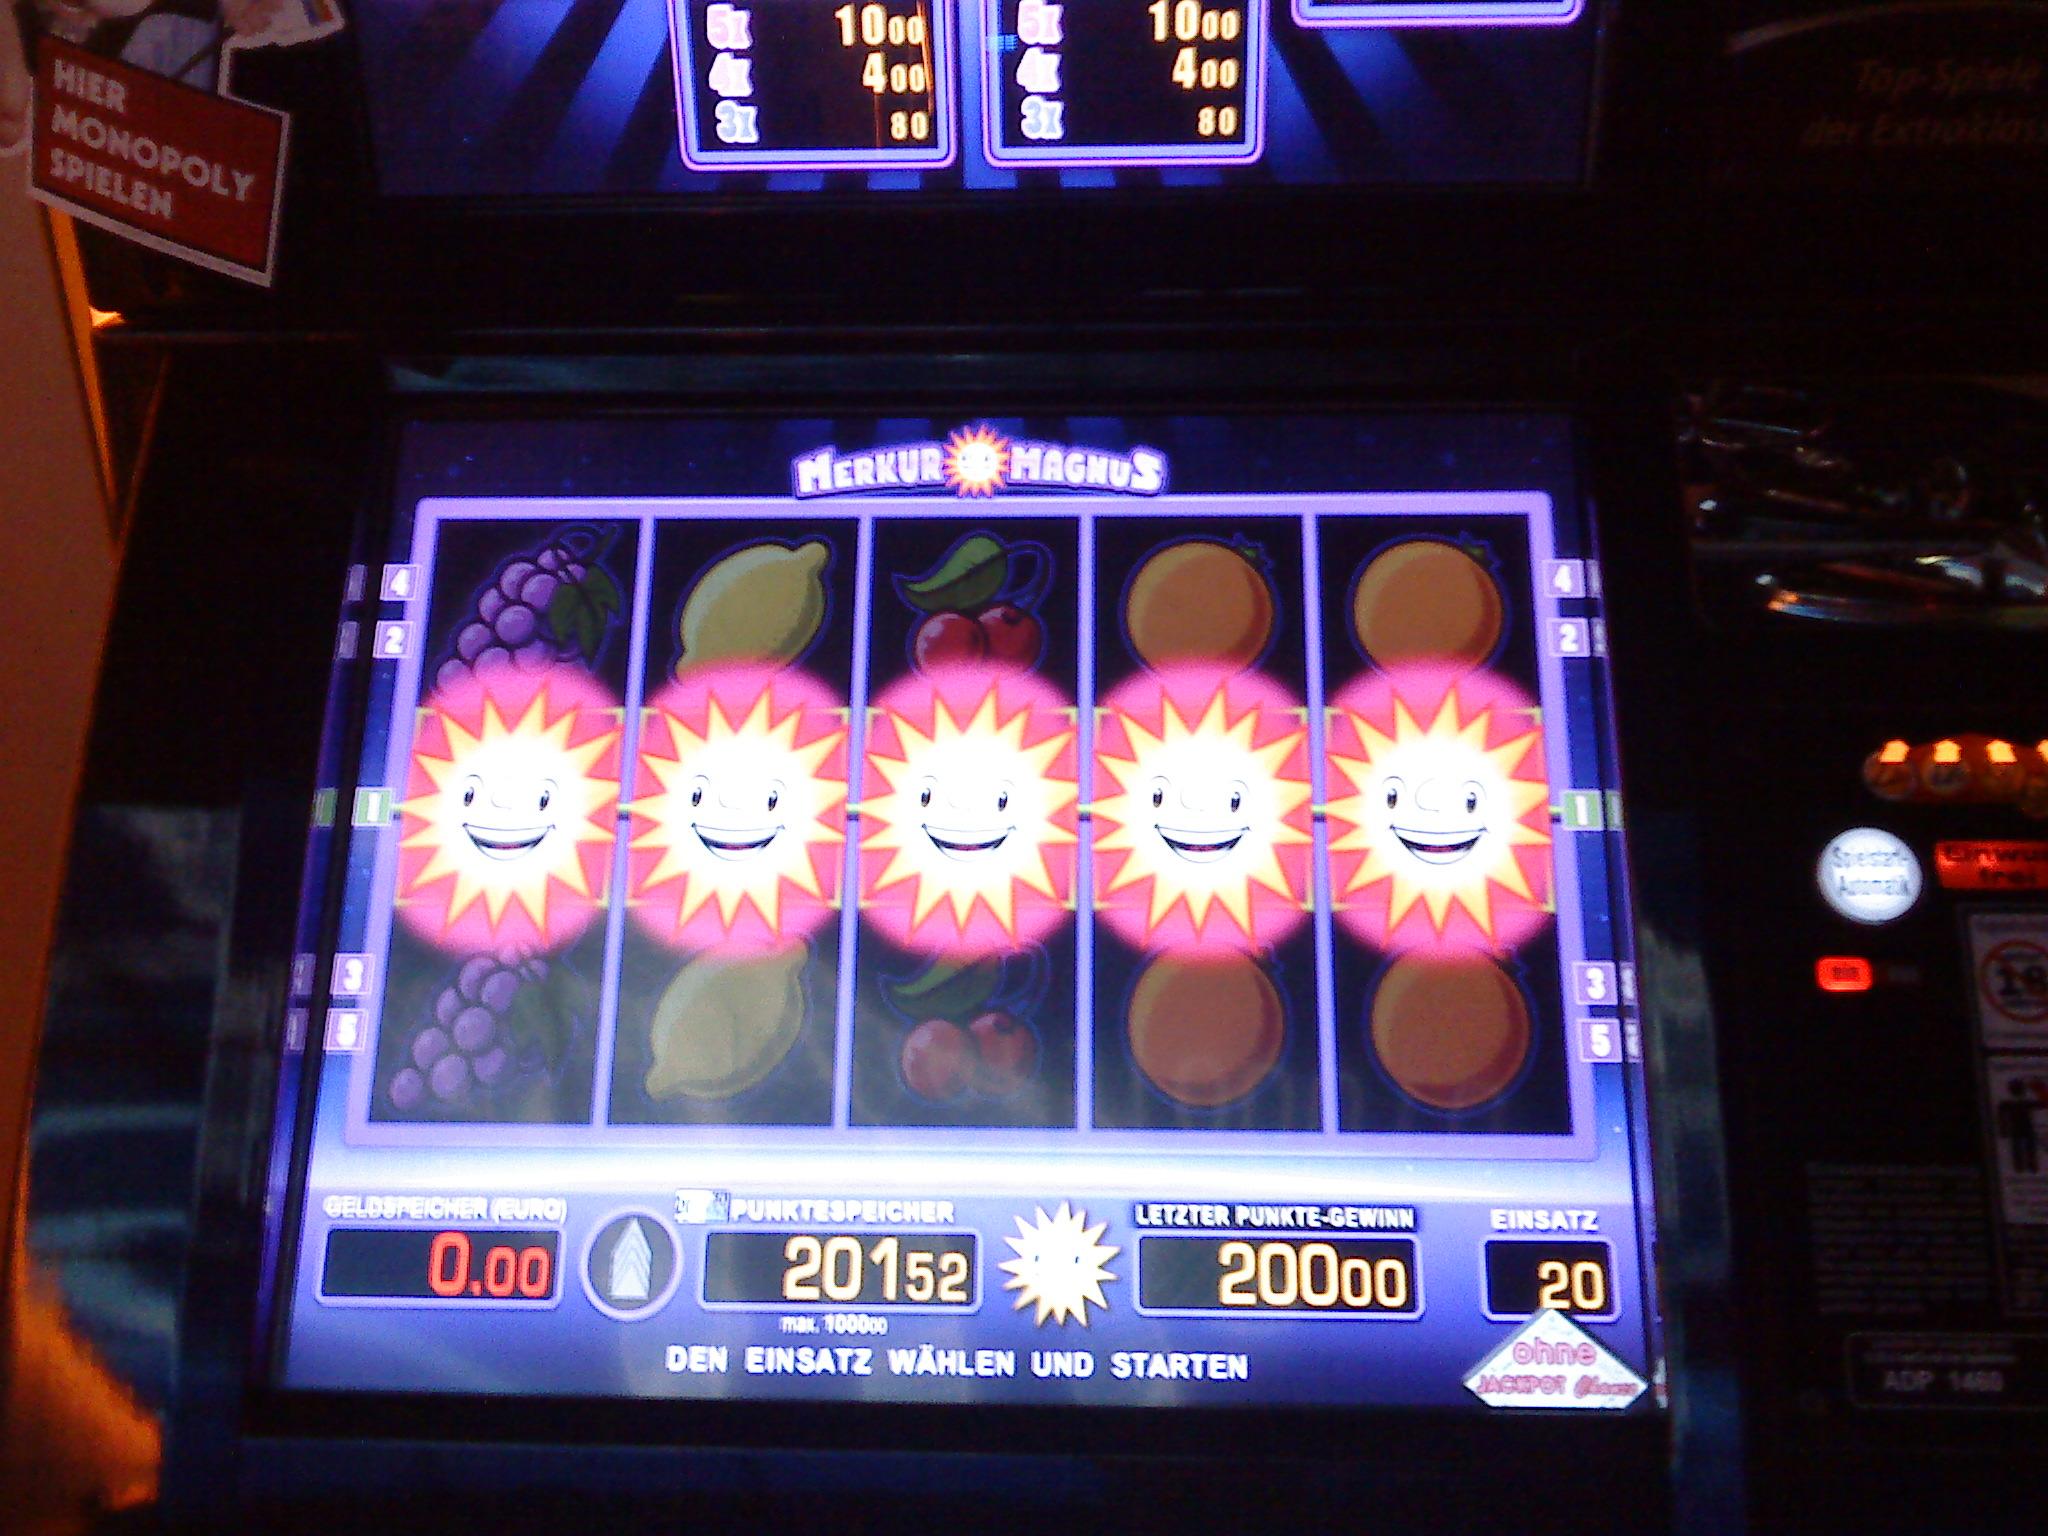 merkur casino online google ocean kostenlos downloaden